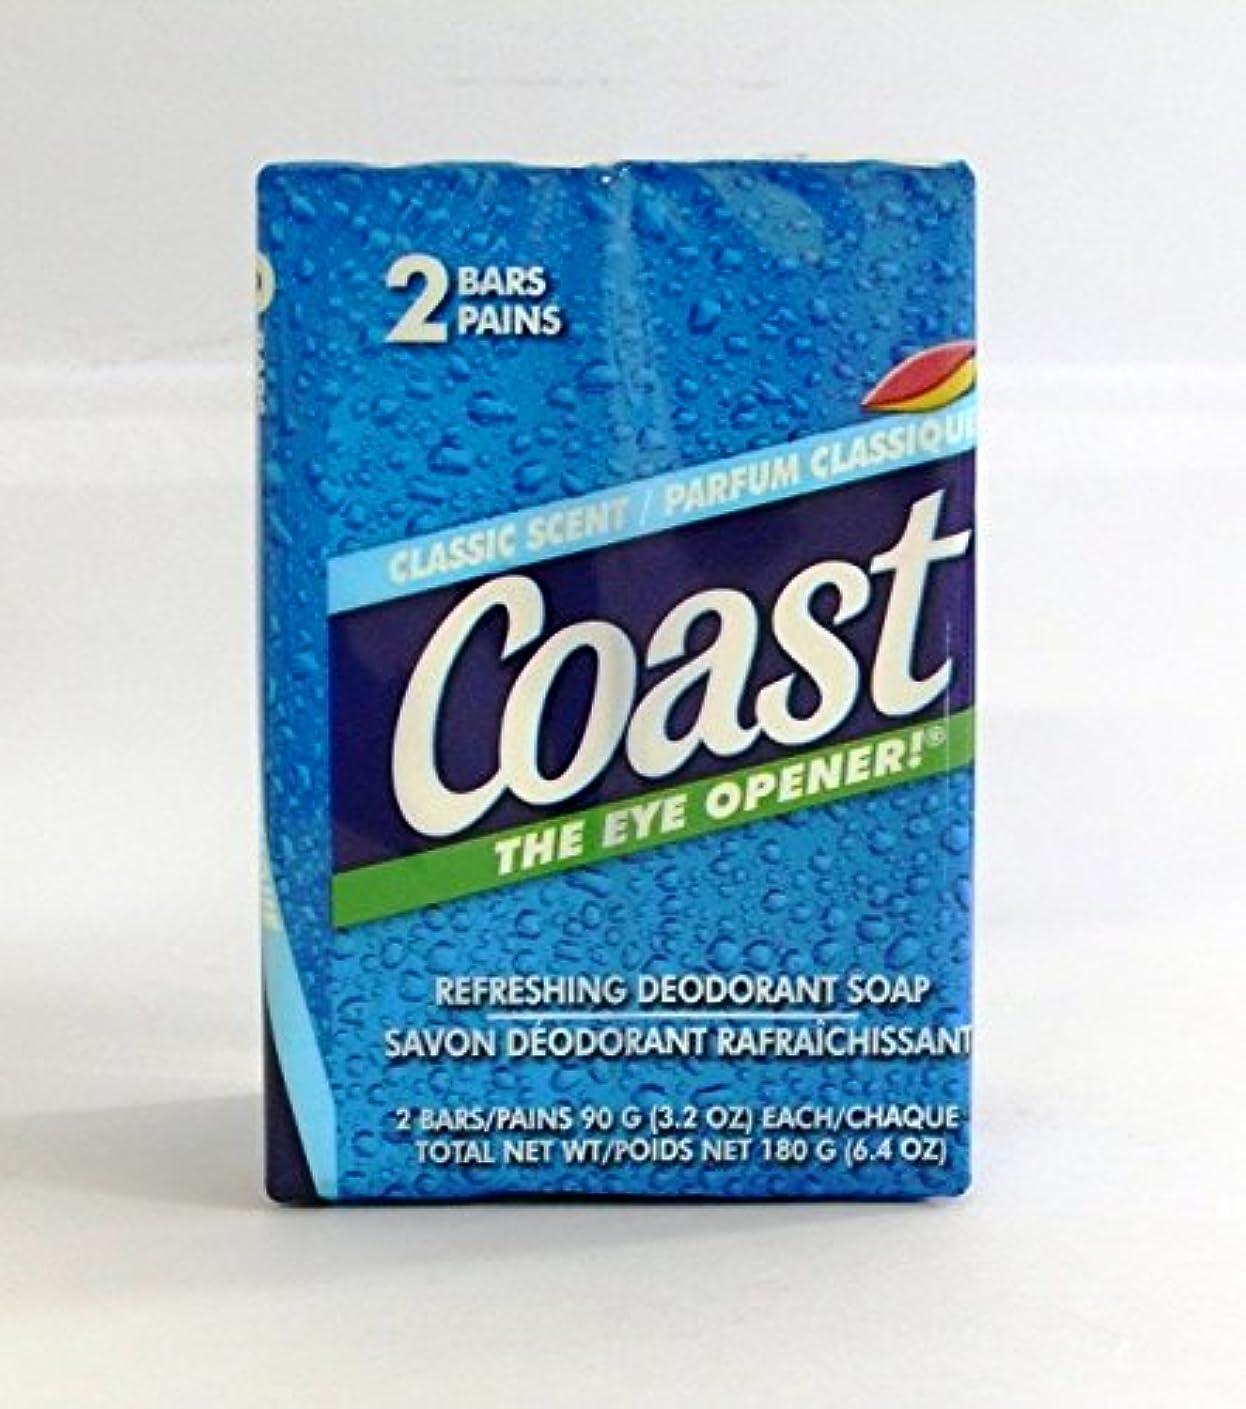 はっきりしないフォーク眉をひそめるコースト 固形石鹸 クラシックセント 90g 2個入